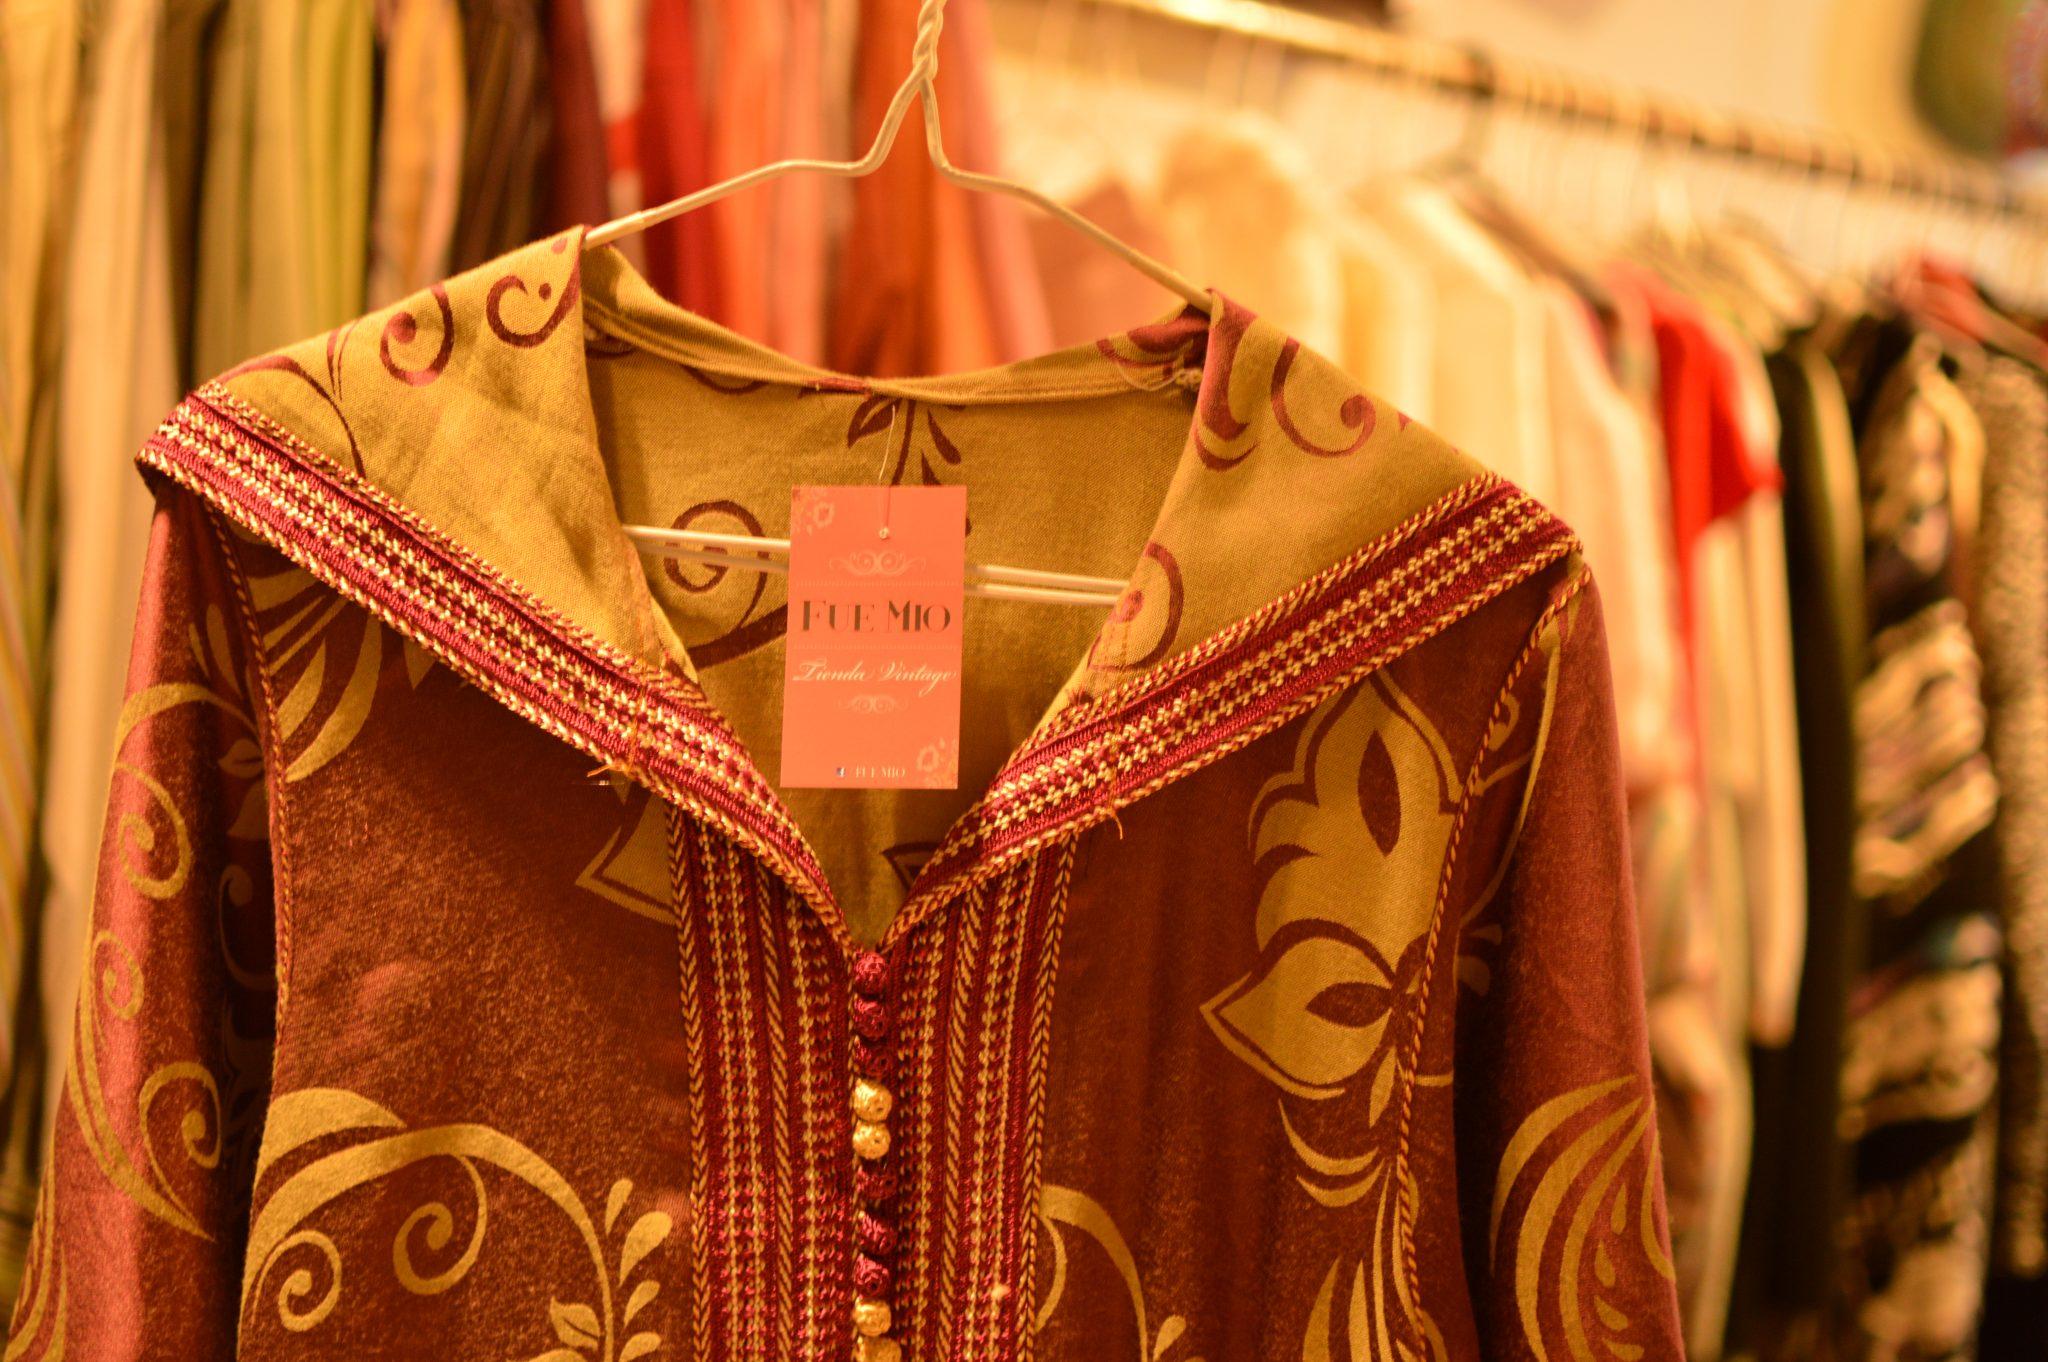 fue mio tienda vintage amor ropa usada